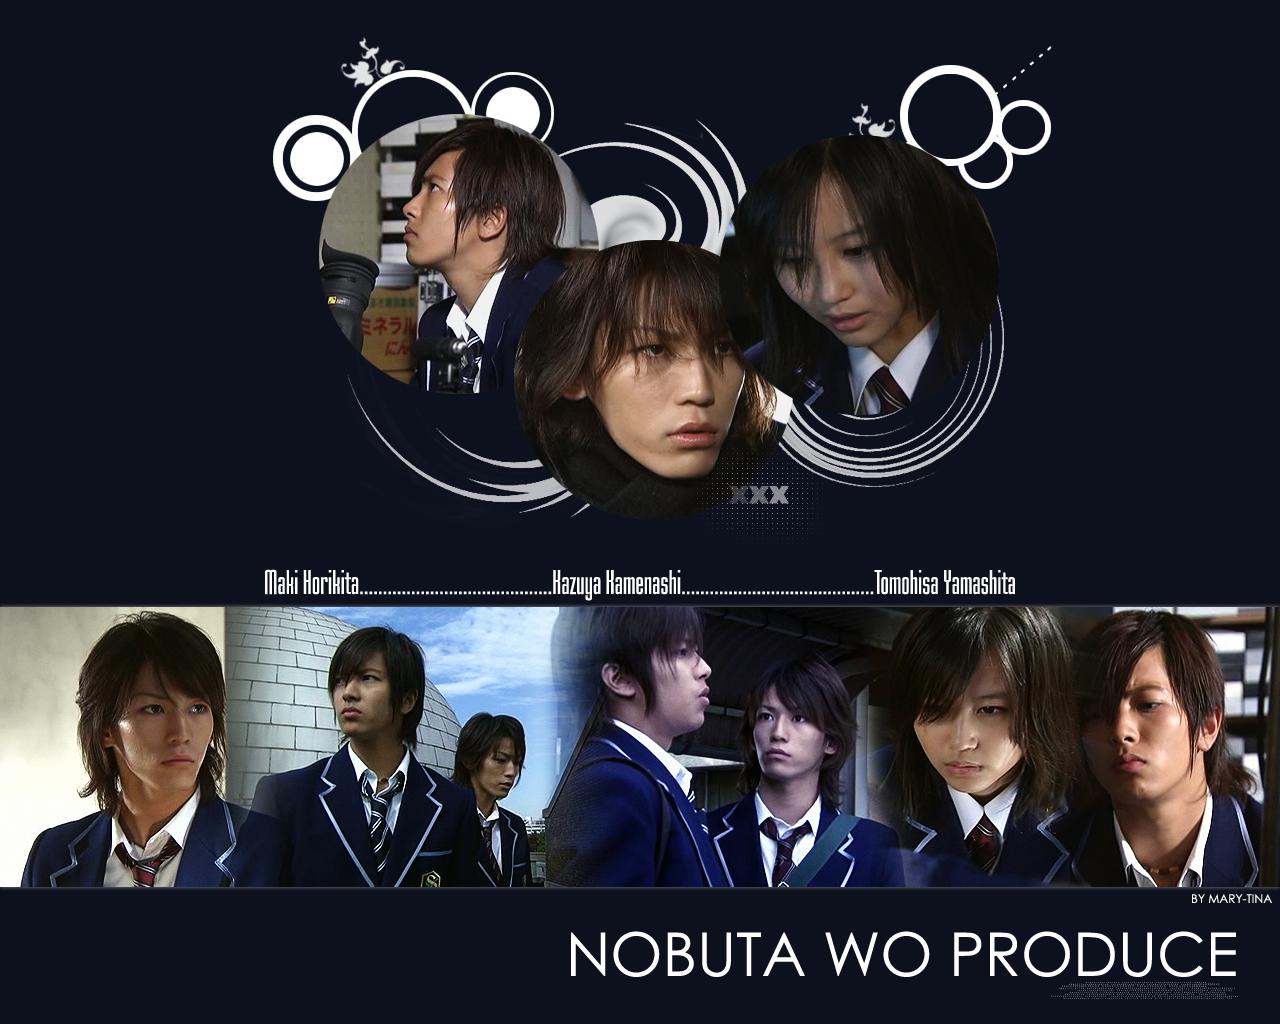 مسلسل Nobuta Wo Produce الحلقة 1 اون لاين